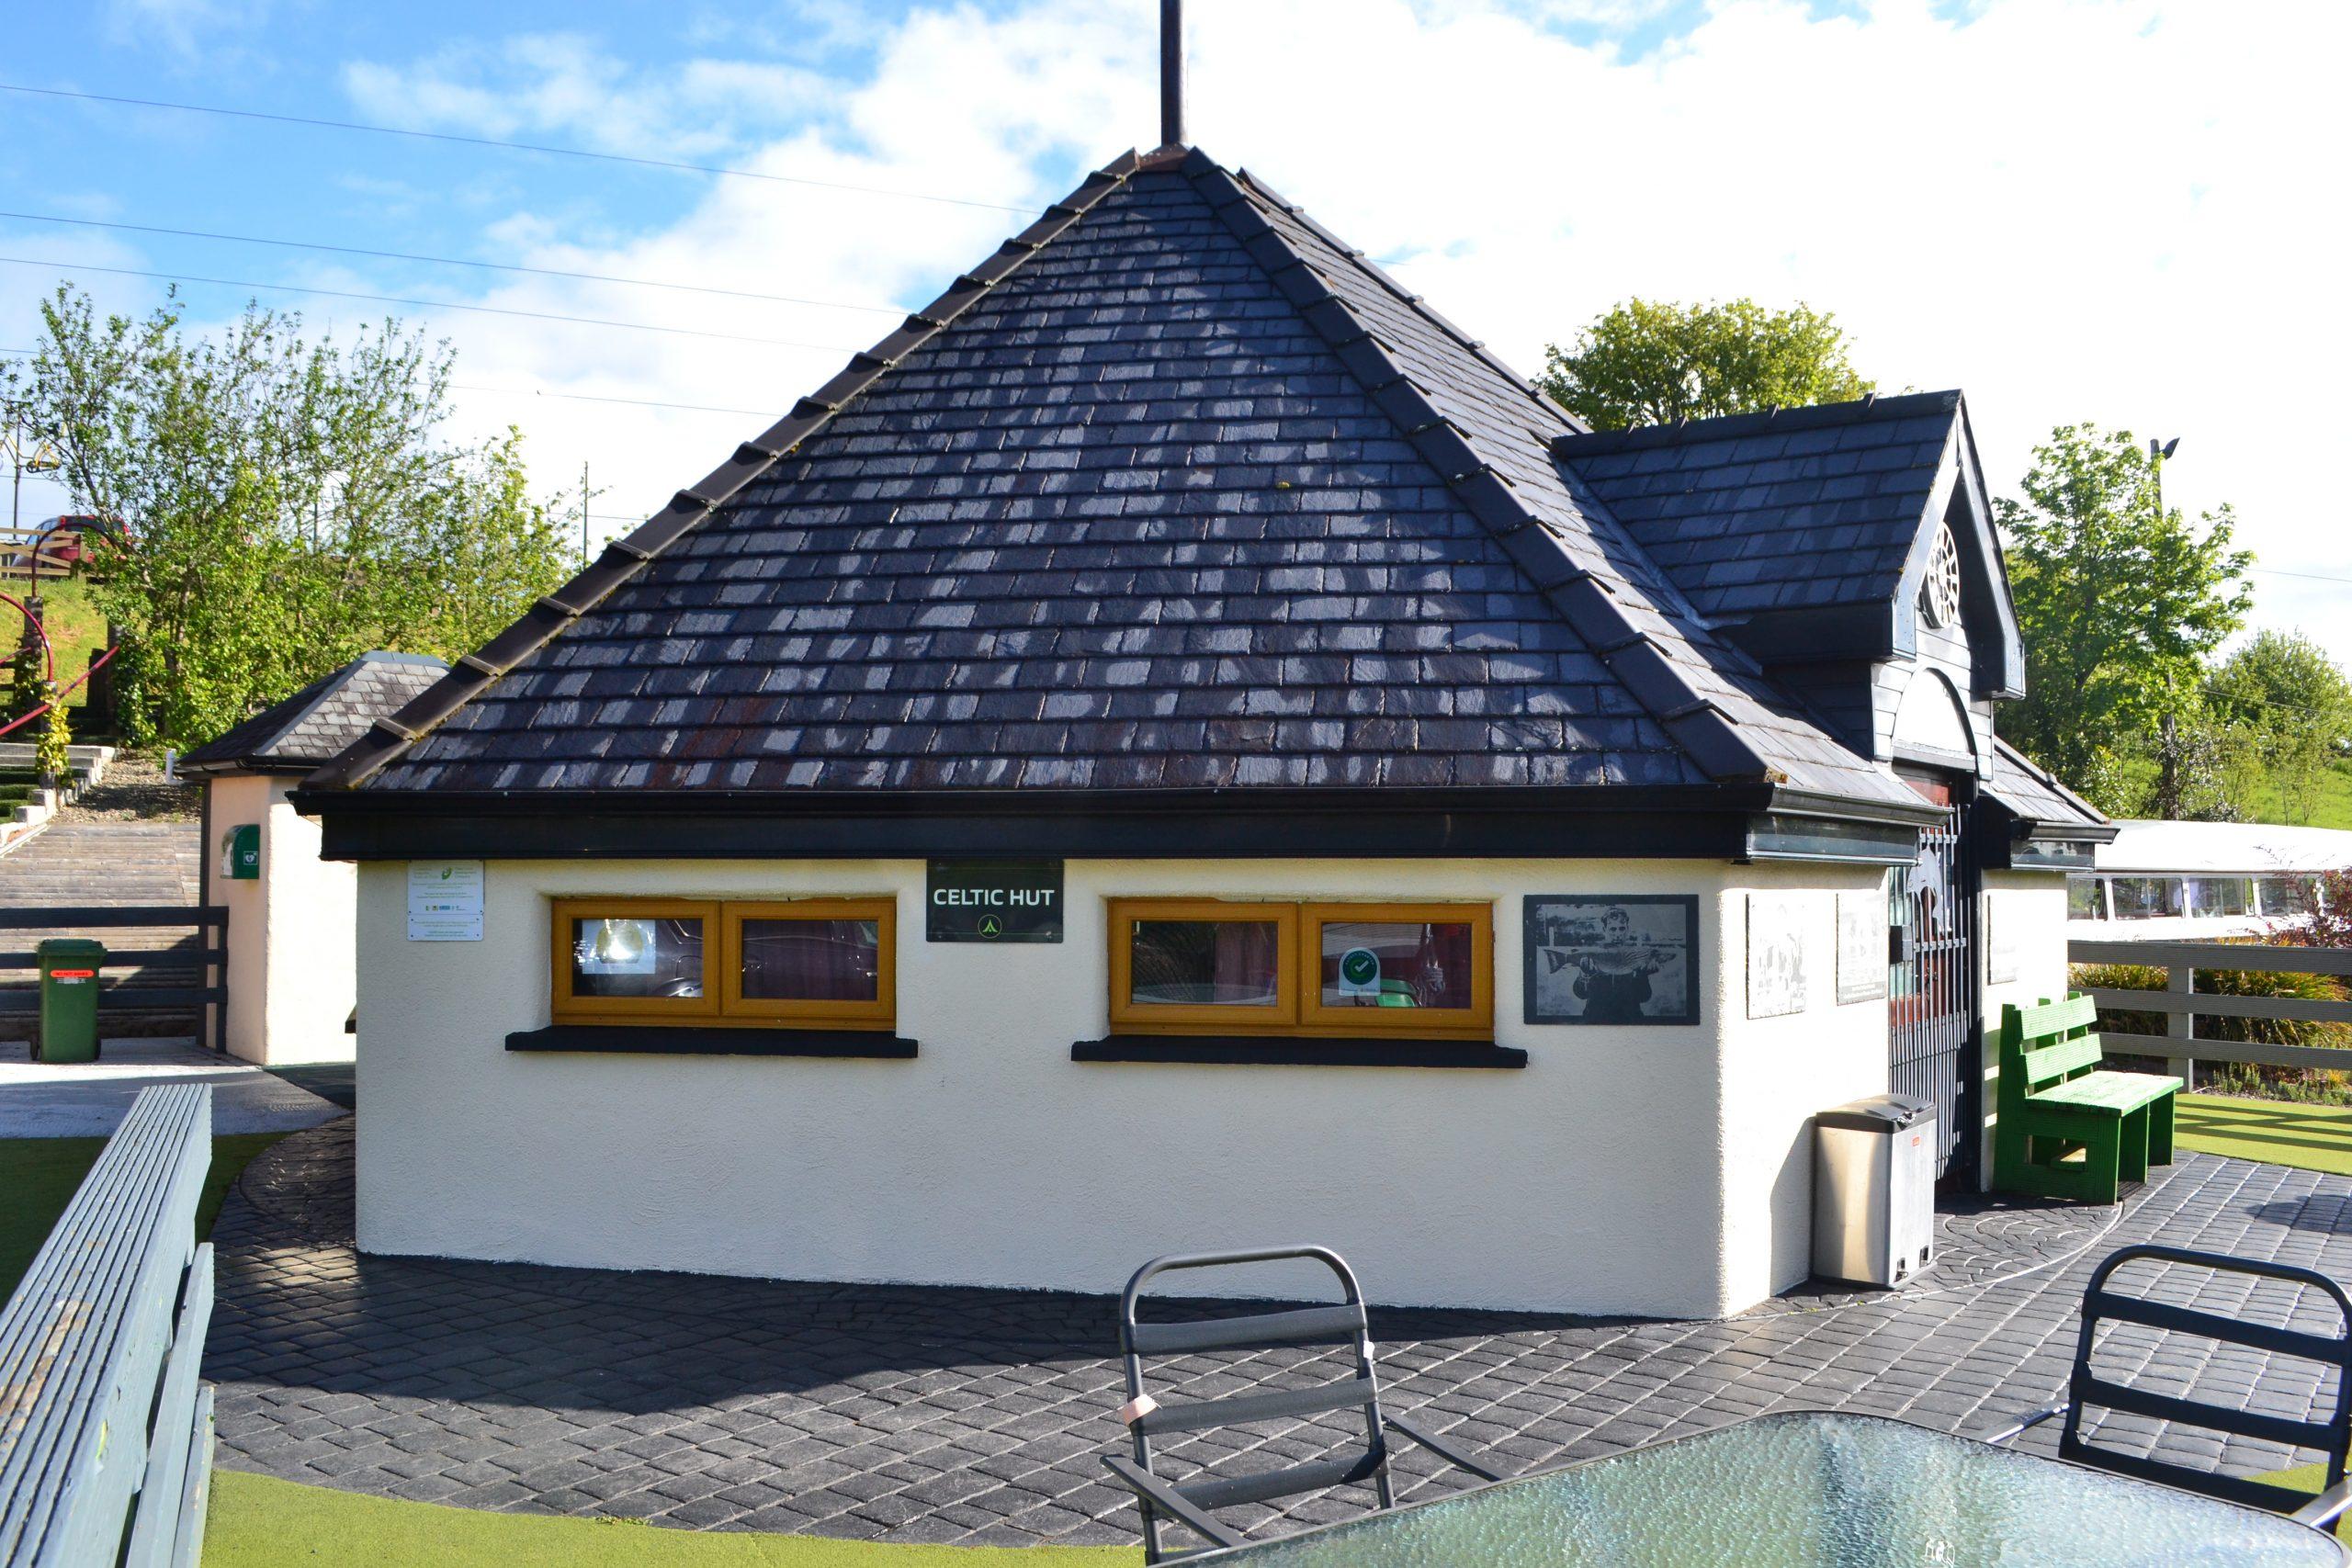 Celtic Hut at Derg Isle